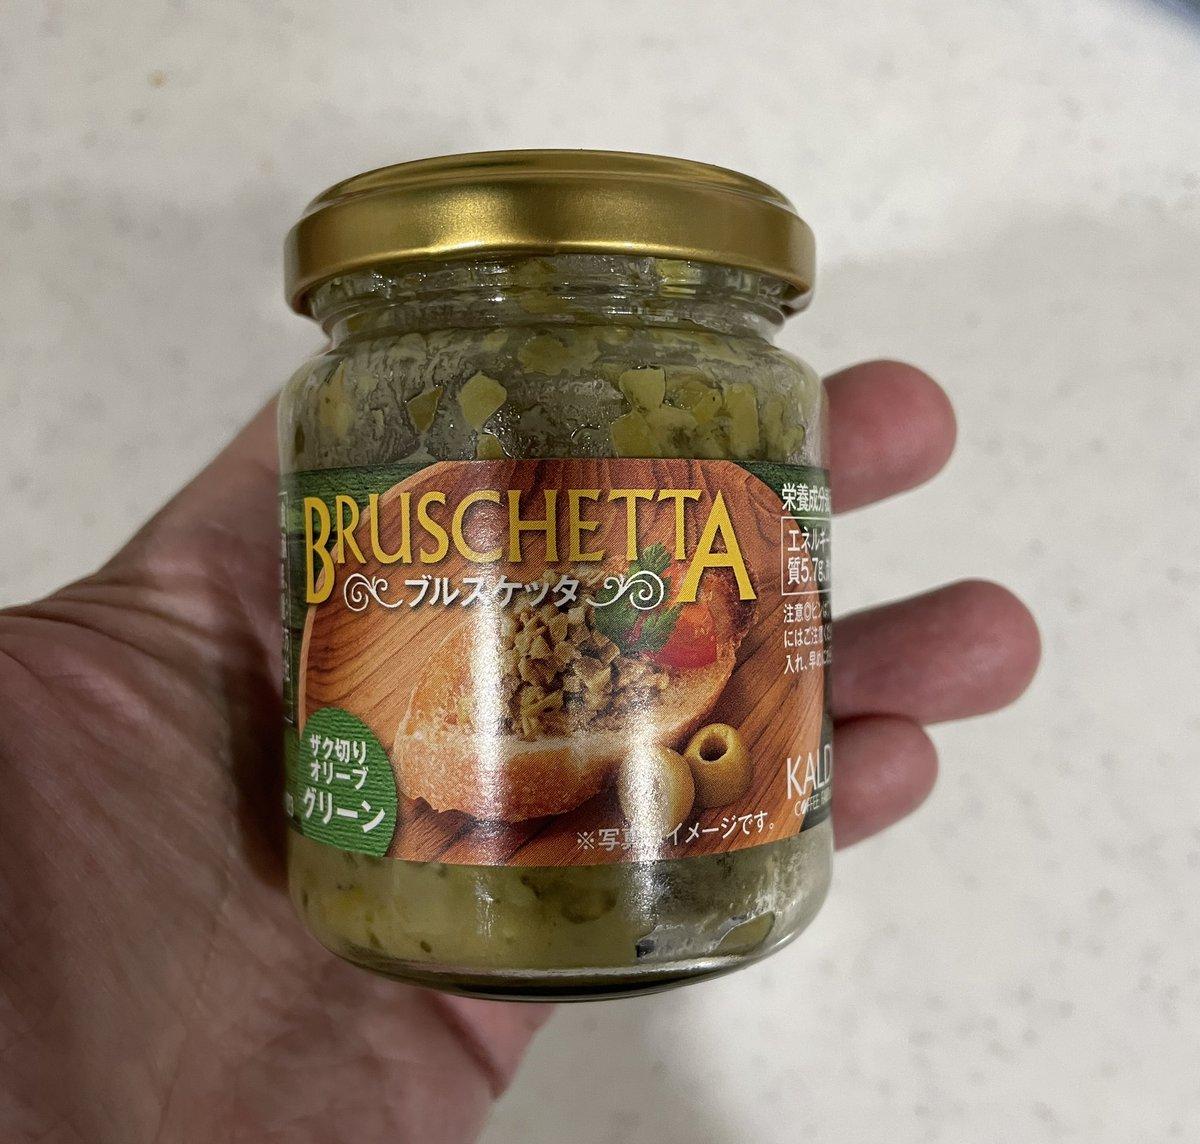 「ブルスケッタ」カルディーで買ったおすすめの調味料!実はパスタにも最高に合う